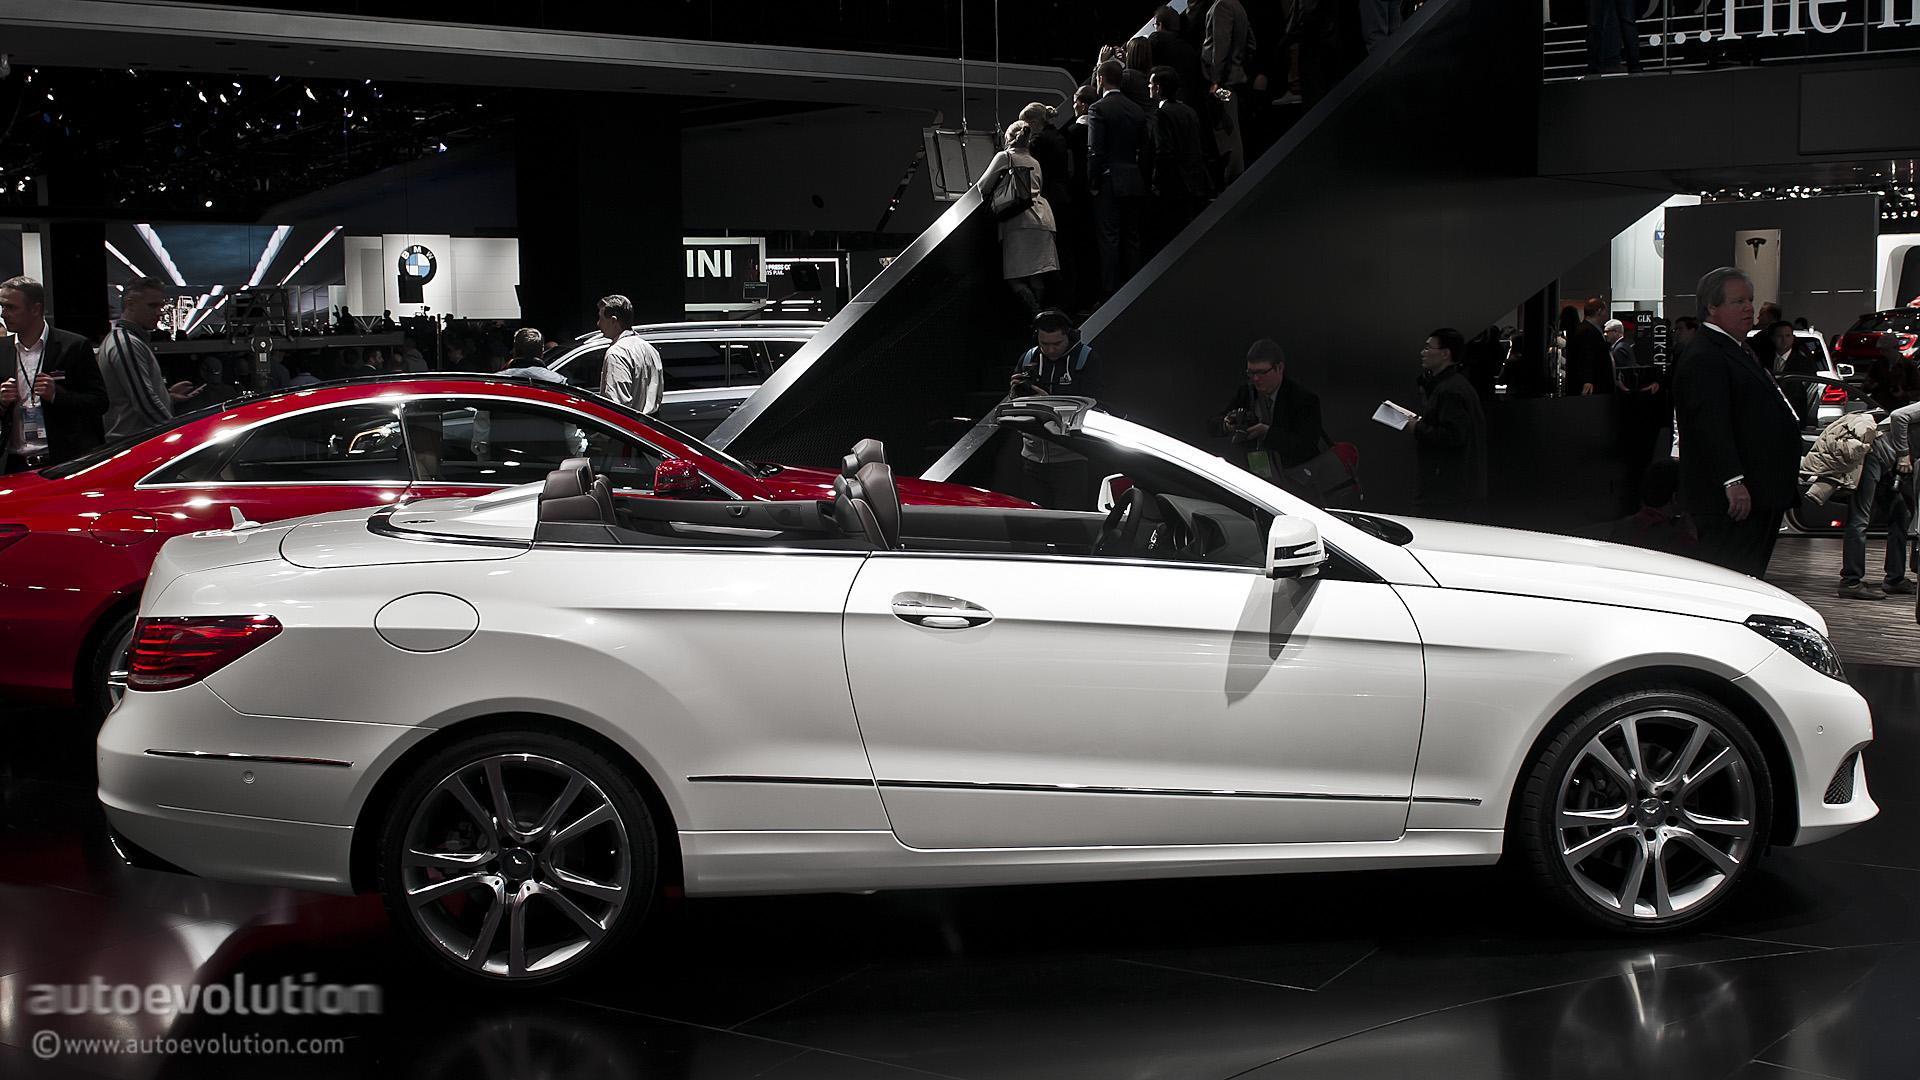 2013 naias mercedes benz e class cabriolet live photos for Mercedes benz e class cabriolet